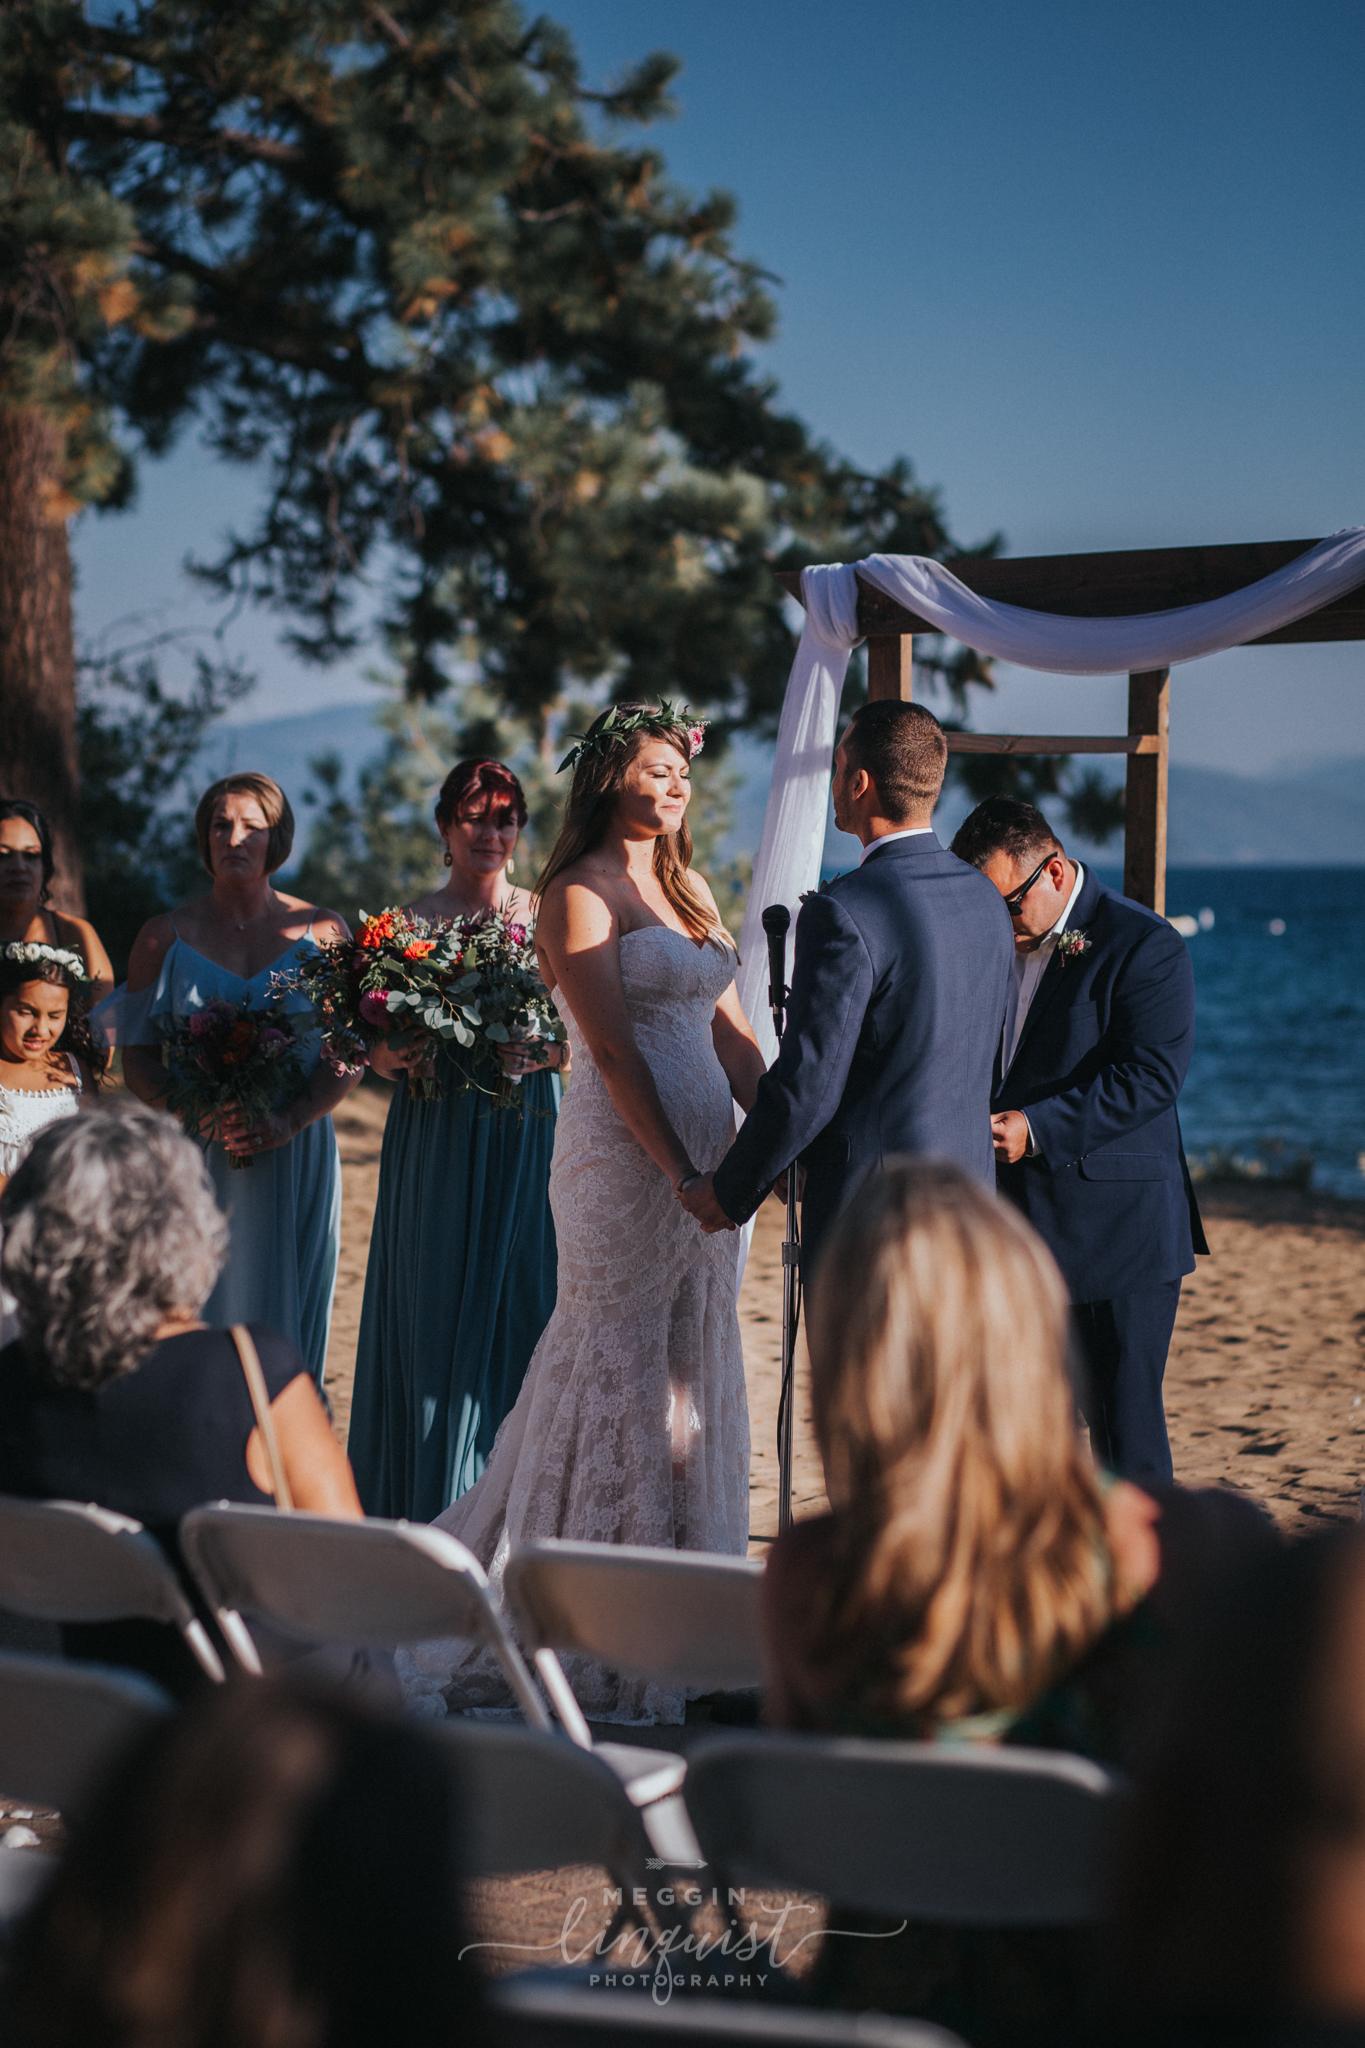 bohemian-style-lake-wedding-reno-lake-tahoe-wedding-photographer-16.jpg